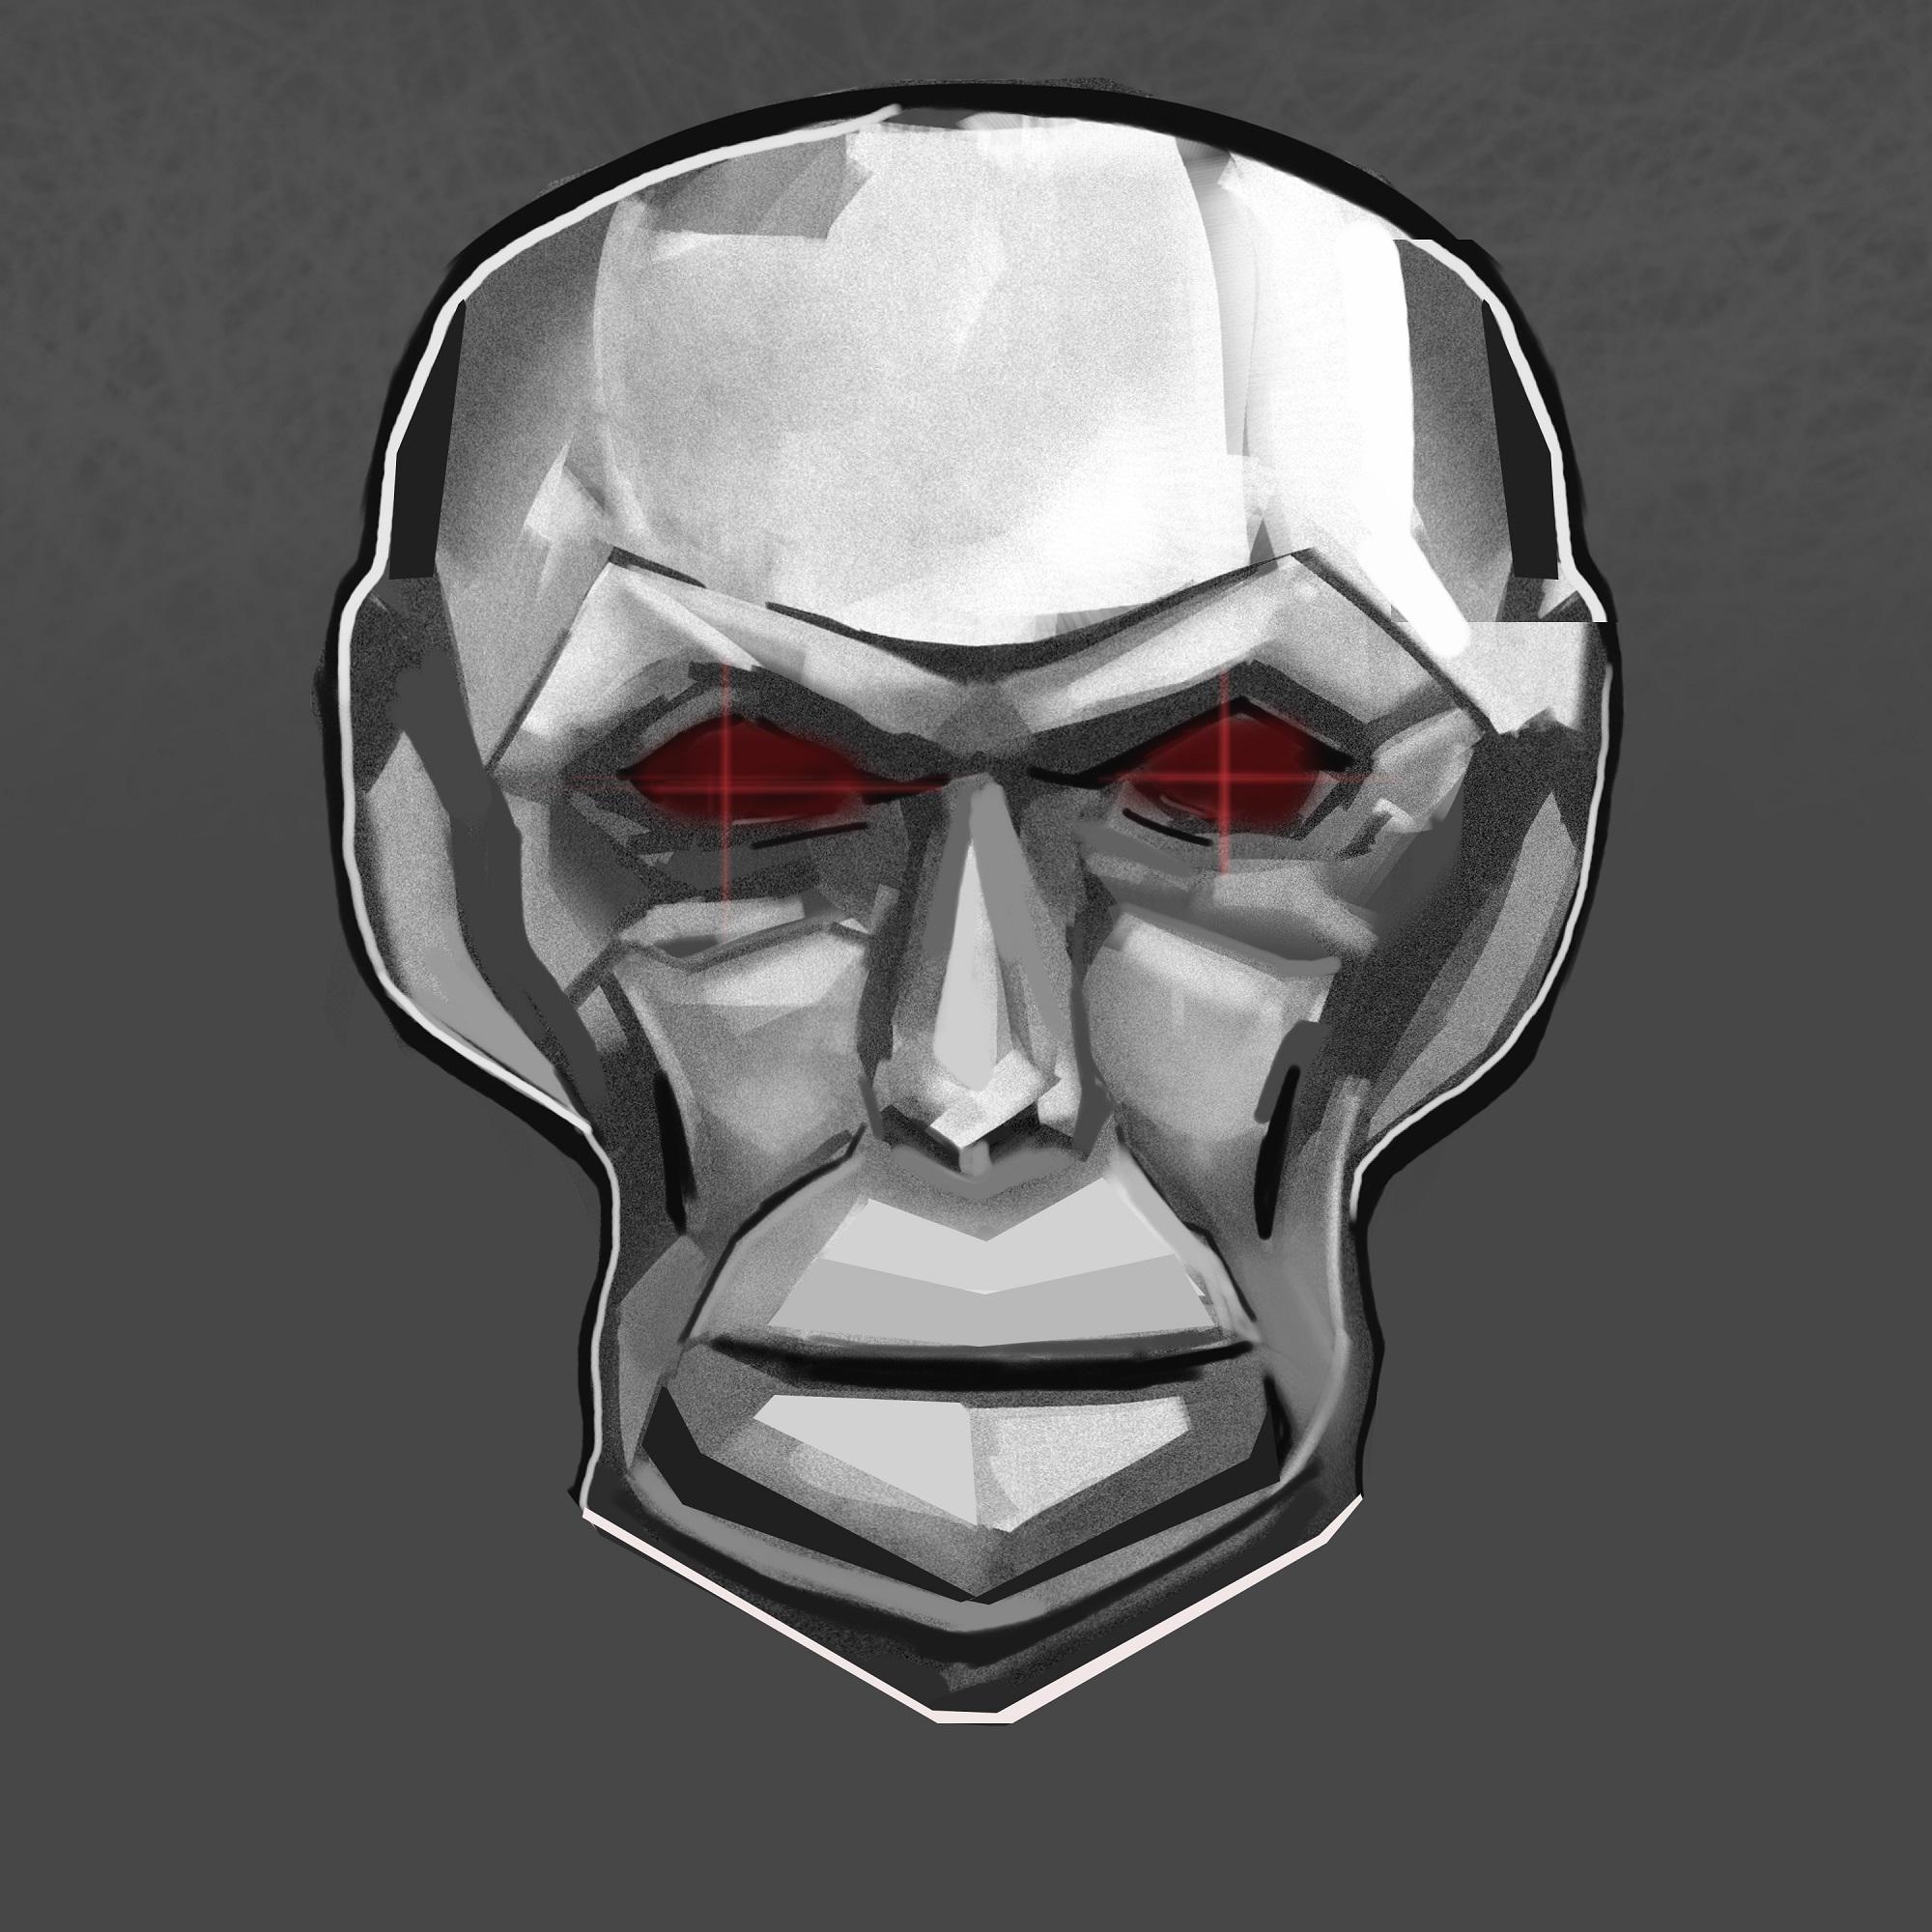 《无人生还之Cube》剧本杀资料_故事背景_角色简介_玩家点评_复盘解析